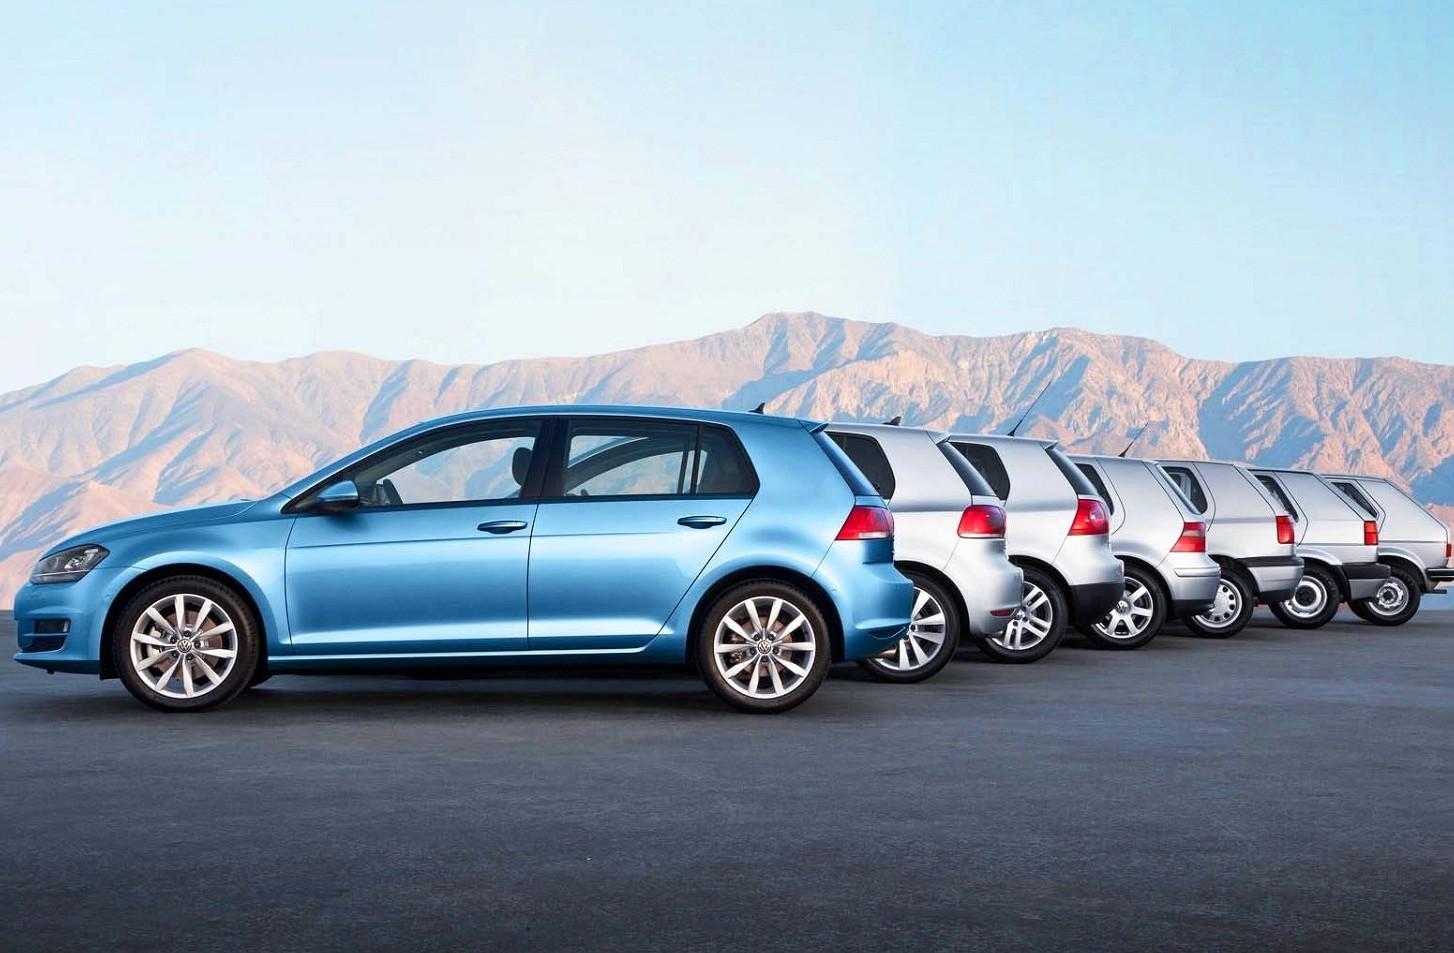 Volkswagen, marchi di lusso ipotesi acco